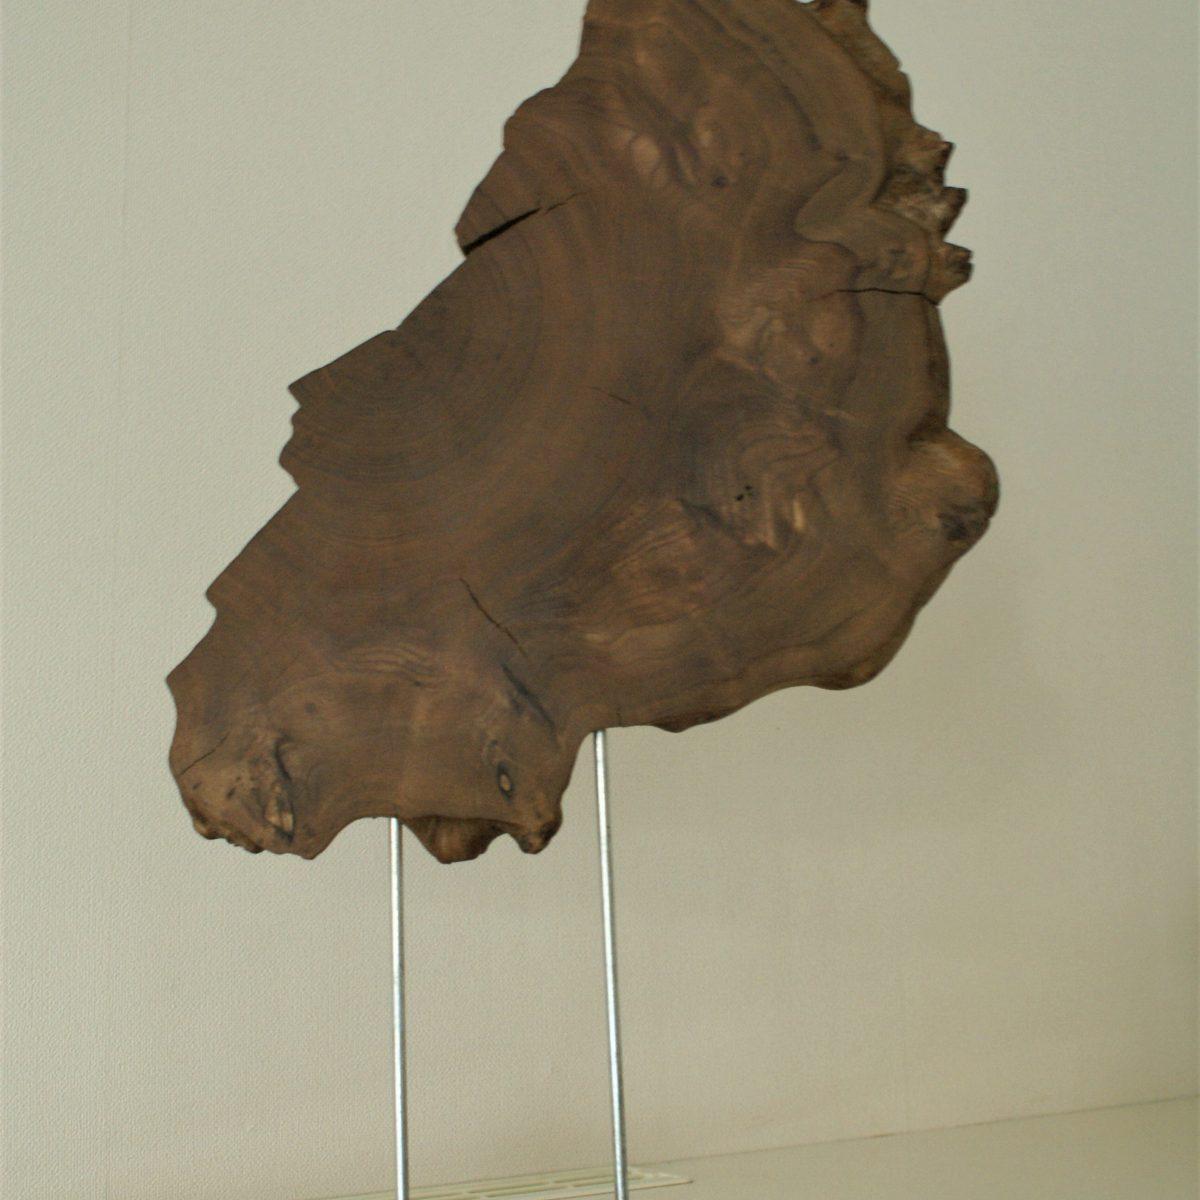 Kunstwerk van iepenhout